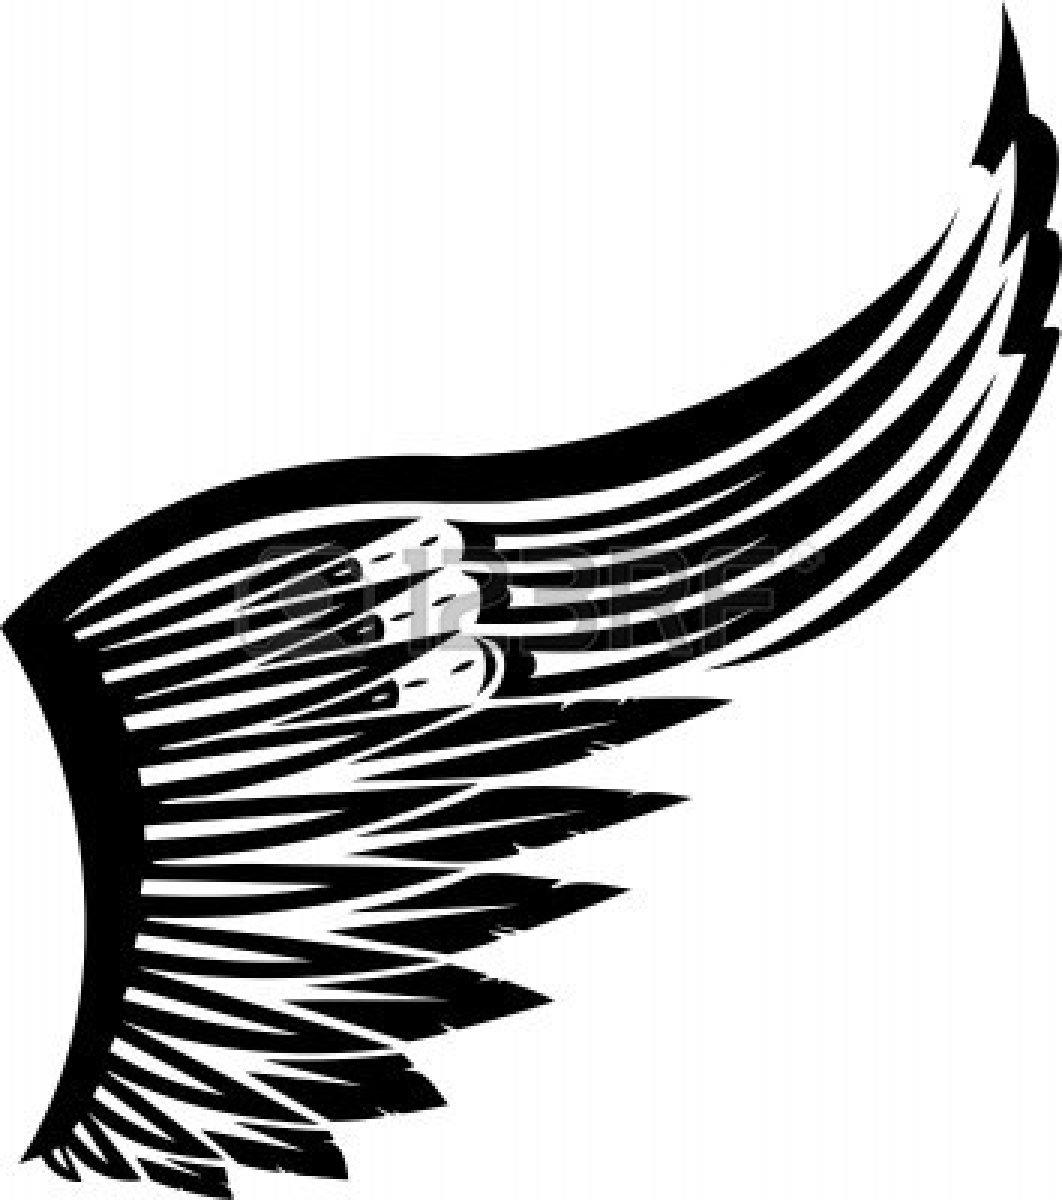 Eagle wings logo